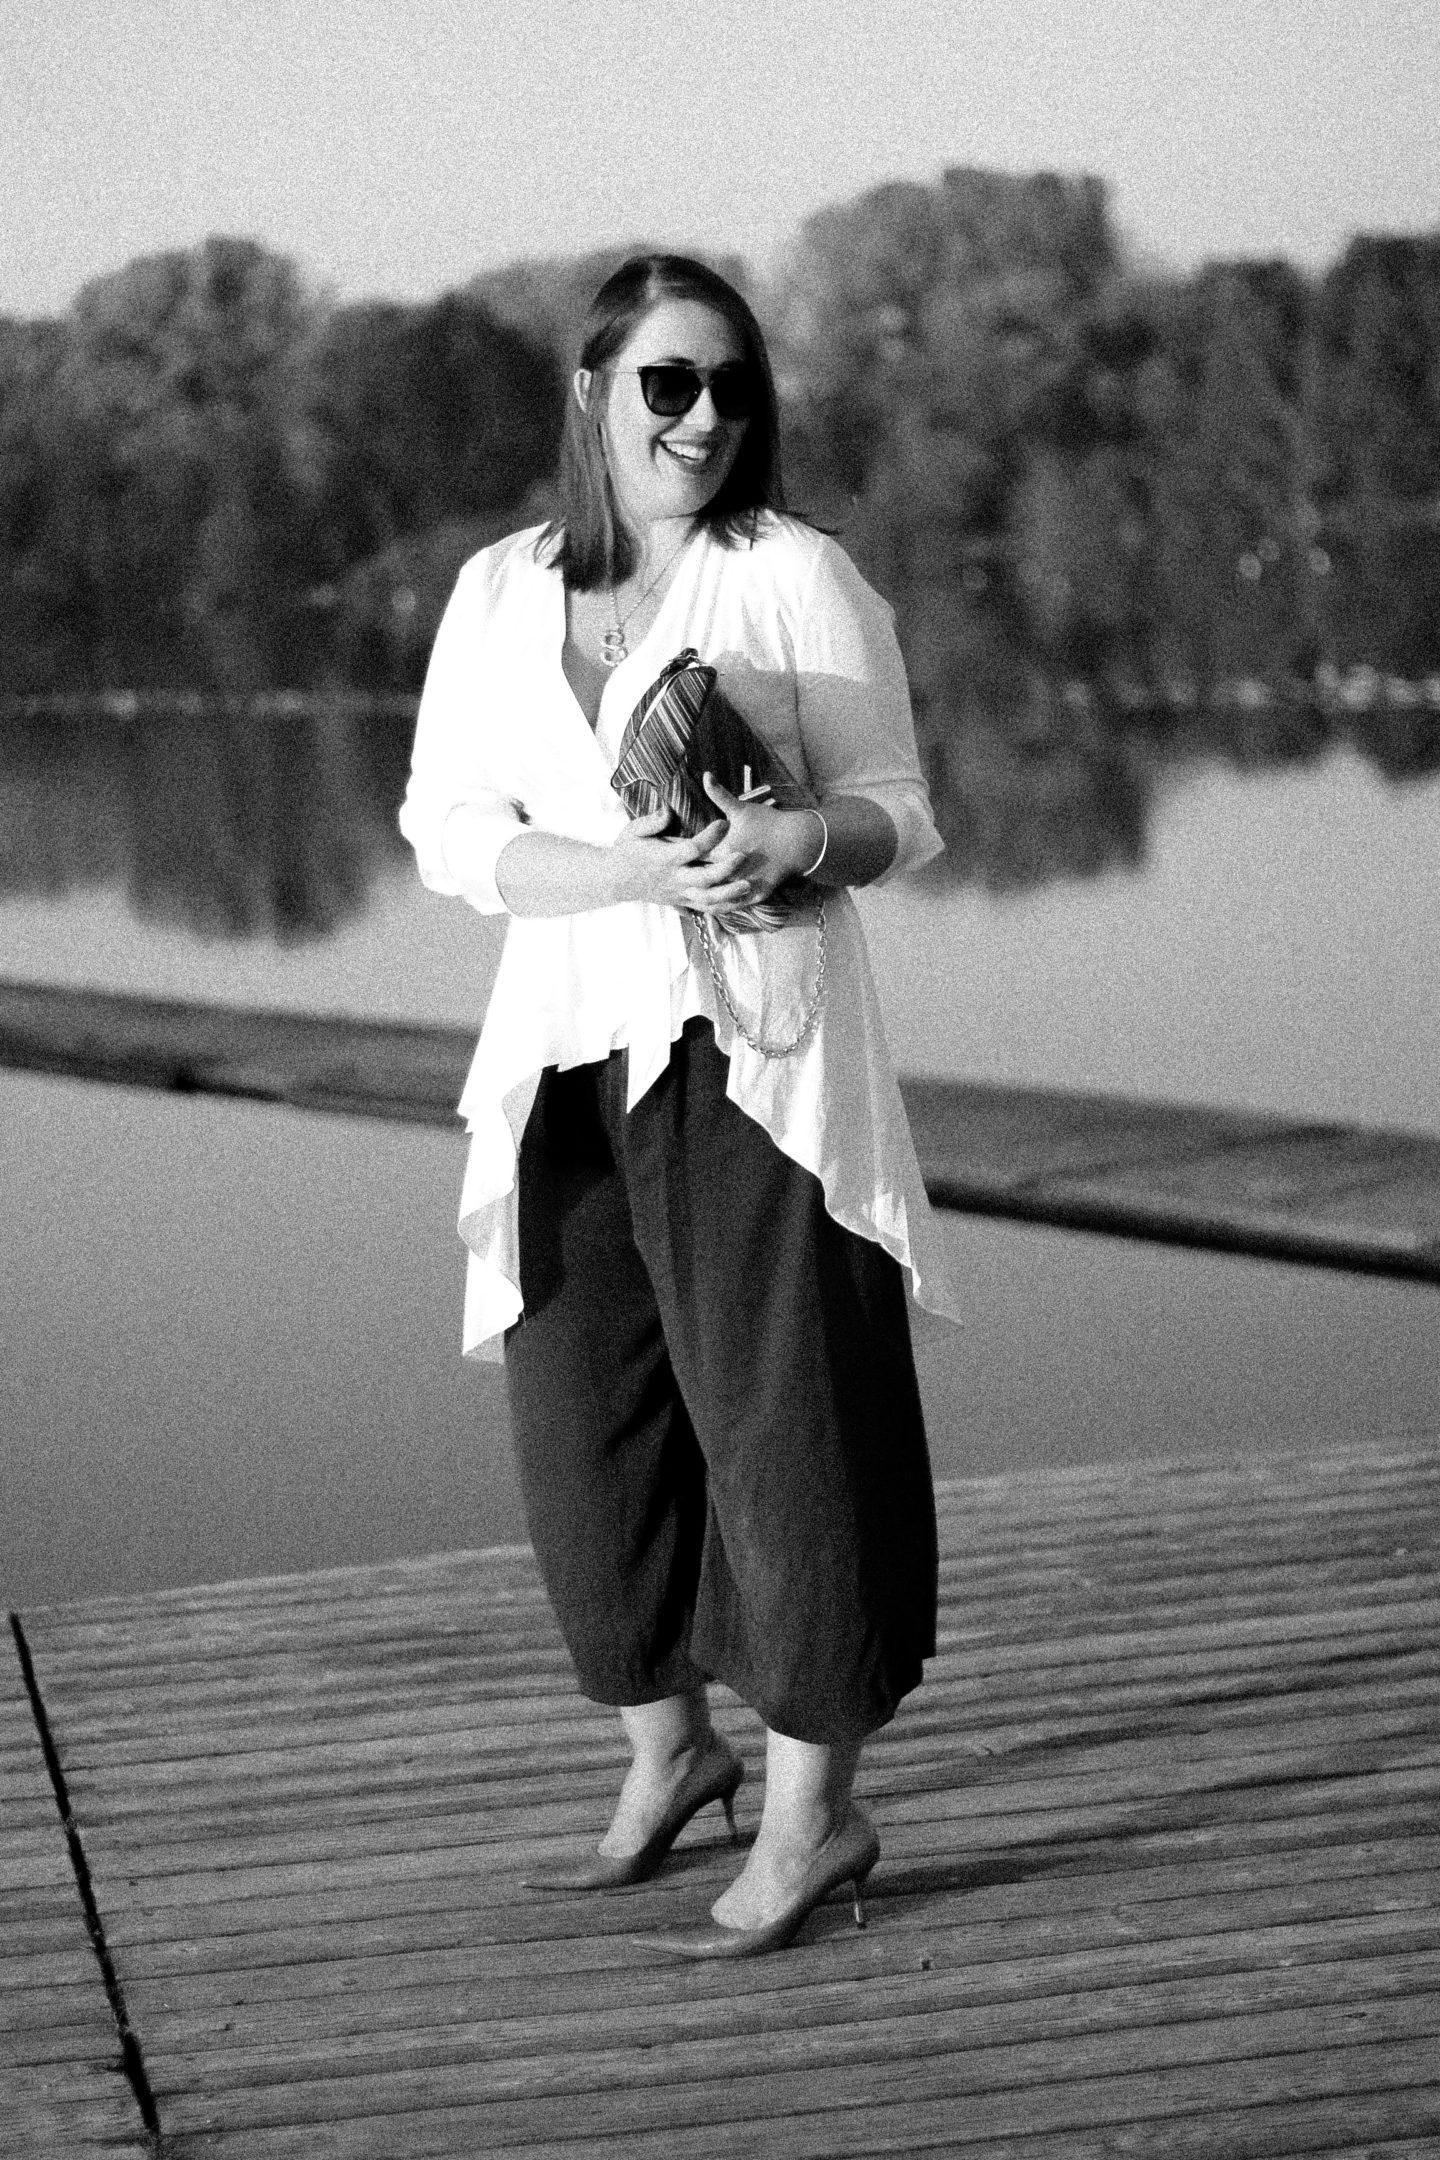 Herbst-Outfit-Asymmetrische-Zara-Bluse-Culotte-Louis-Vuitton-Twist-Susanne-Heidebach-Miss-Suzie-Loves